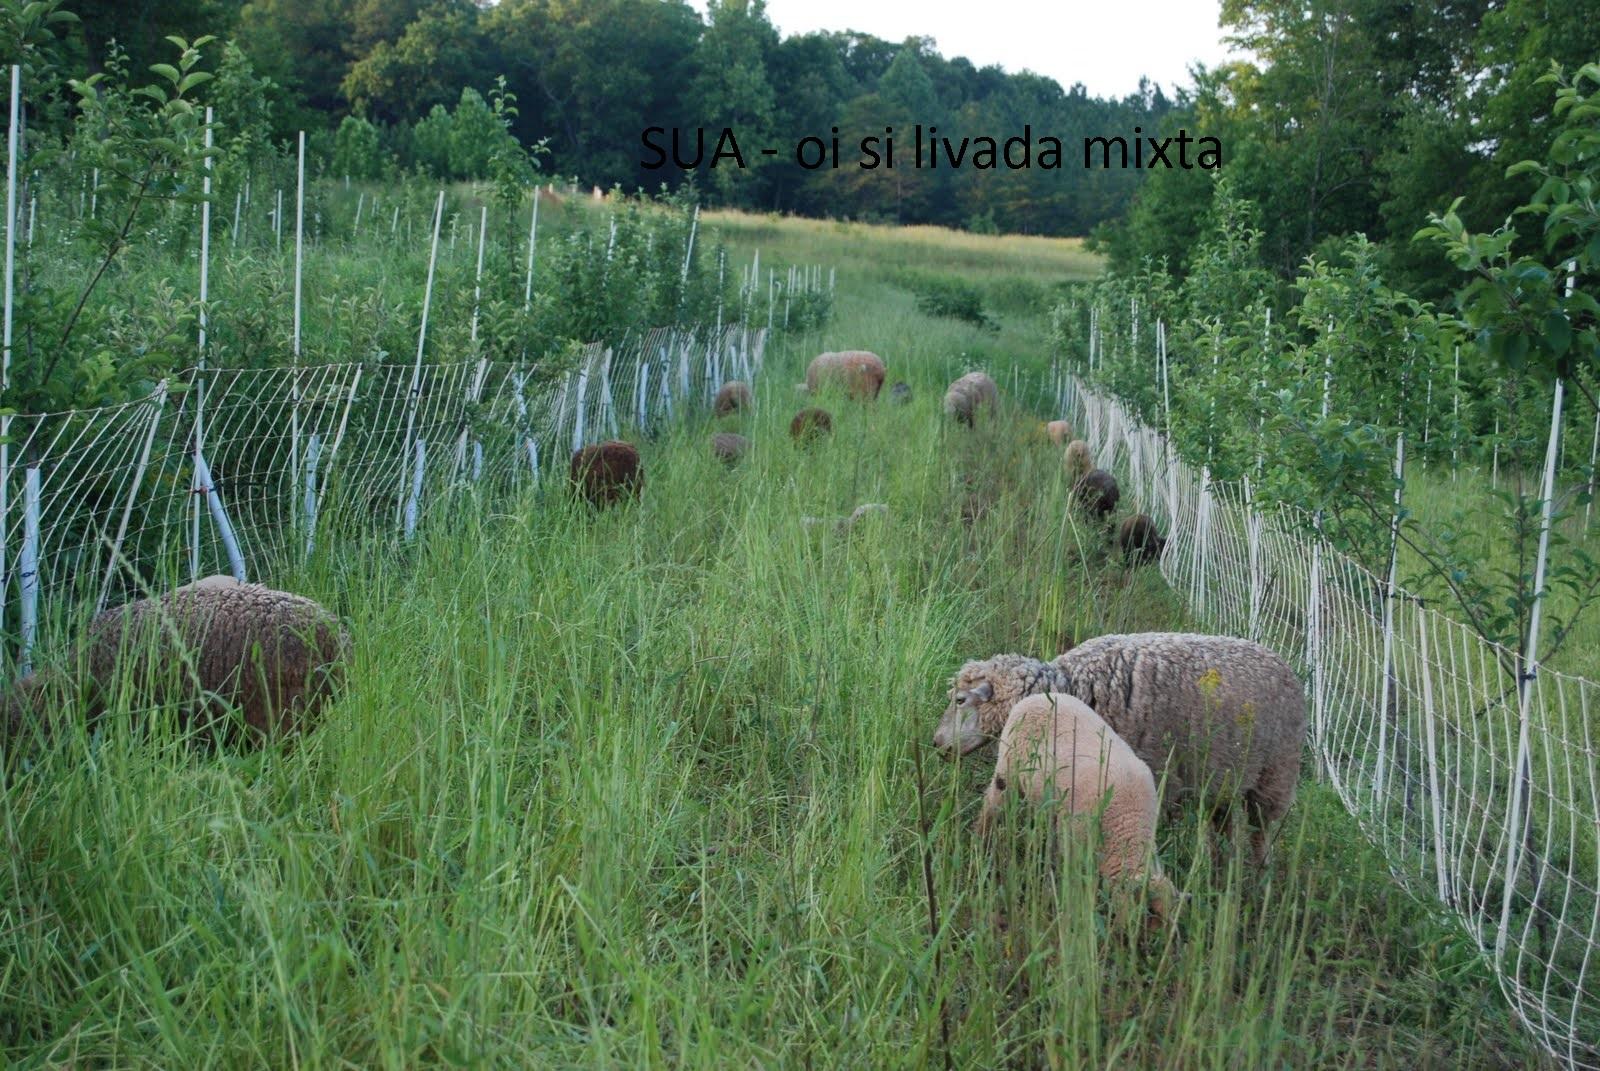 Sistem agroforestier cu oi si mar. Gardul electric apara pomii de animale